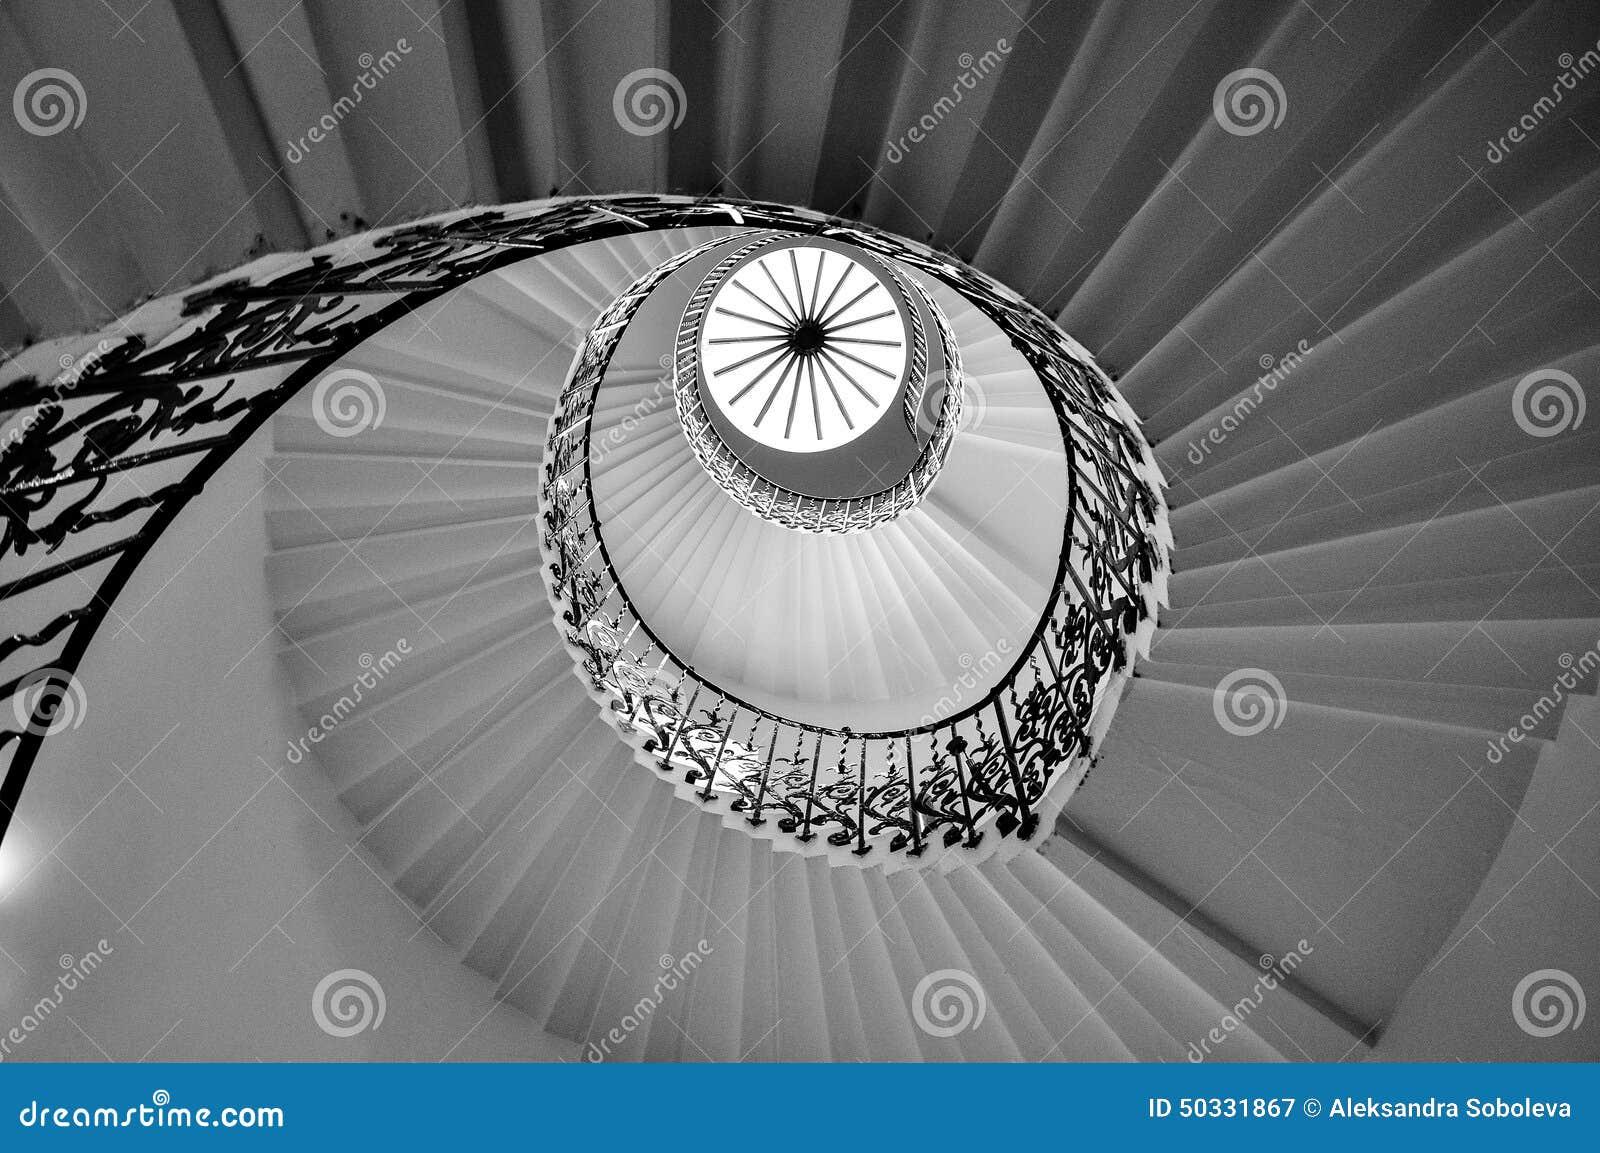 Escalier spiral photo stock image 50331867 for Escalier spirale